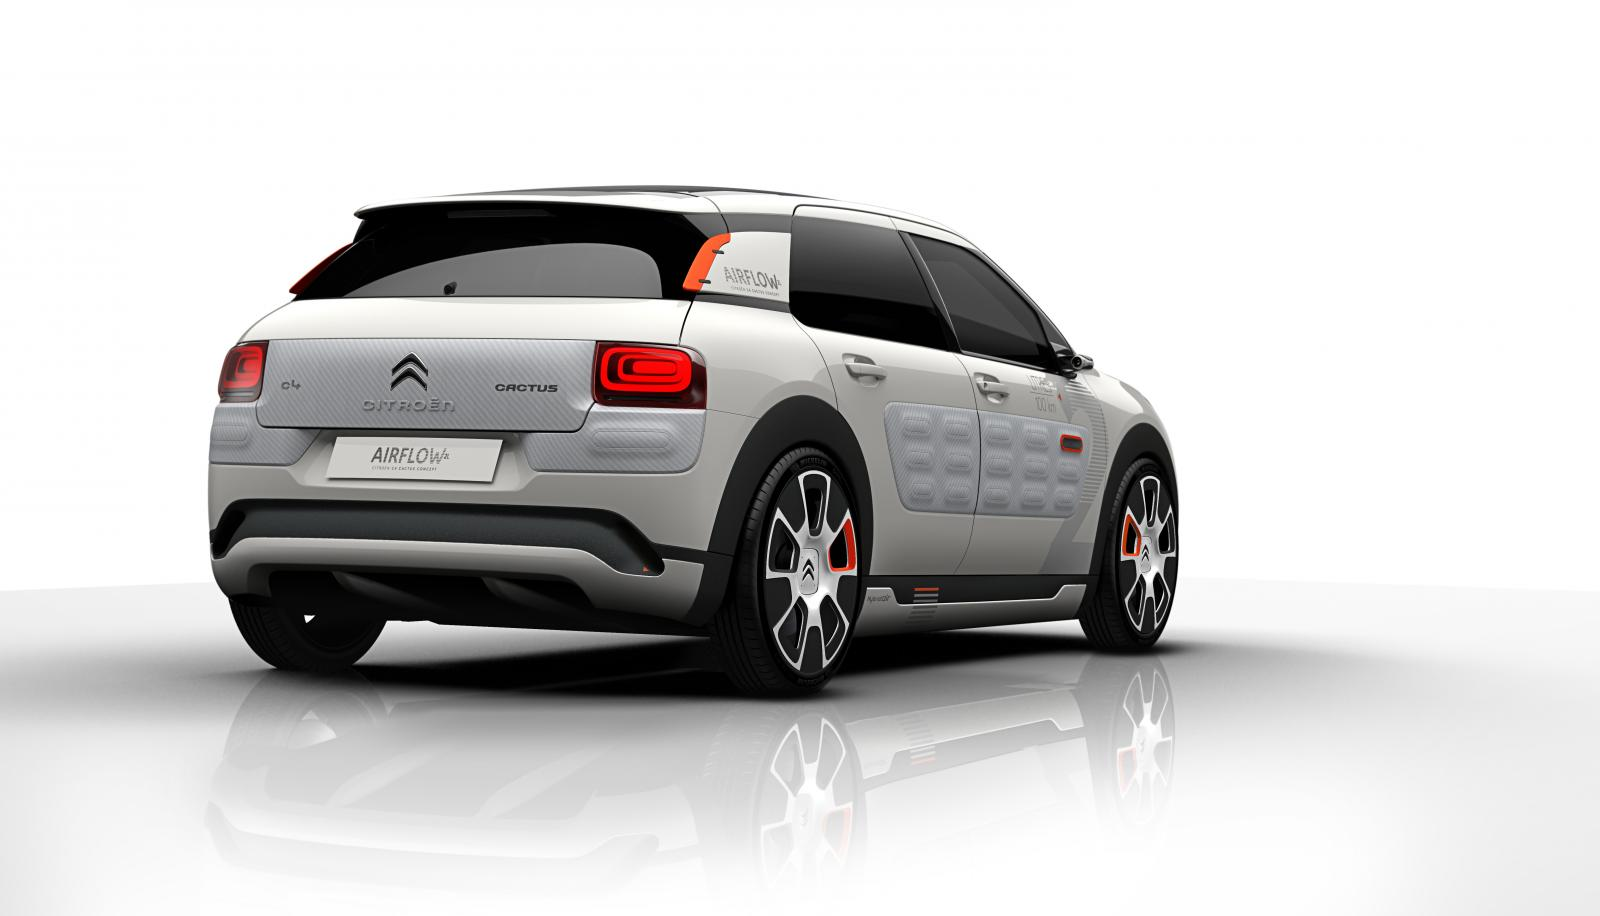 Concept-Car C4 Cactus Airflow 2014 vue arrière